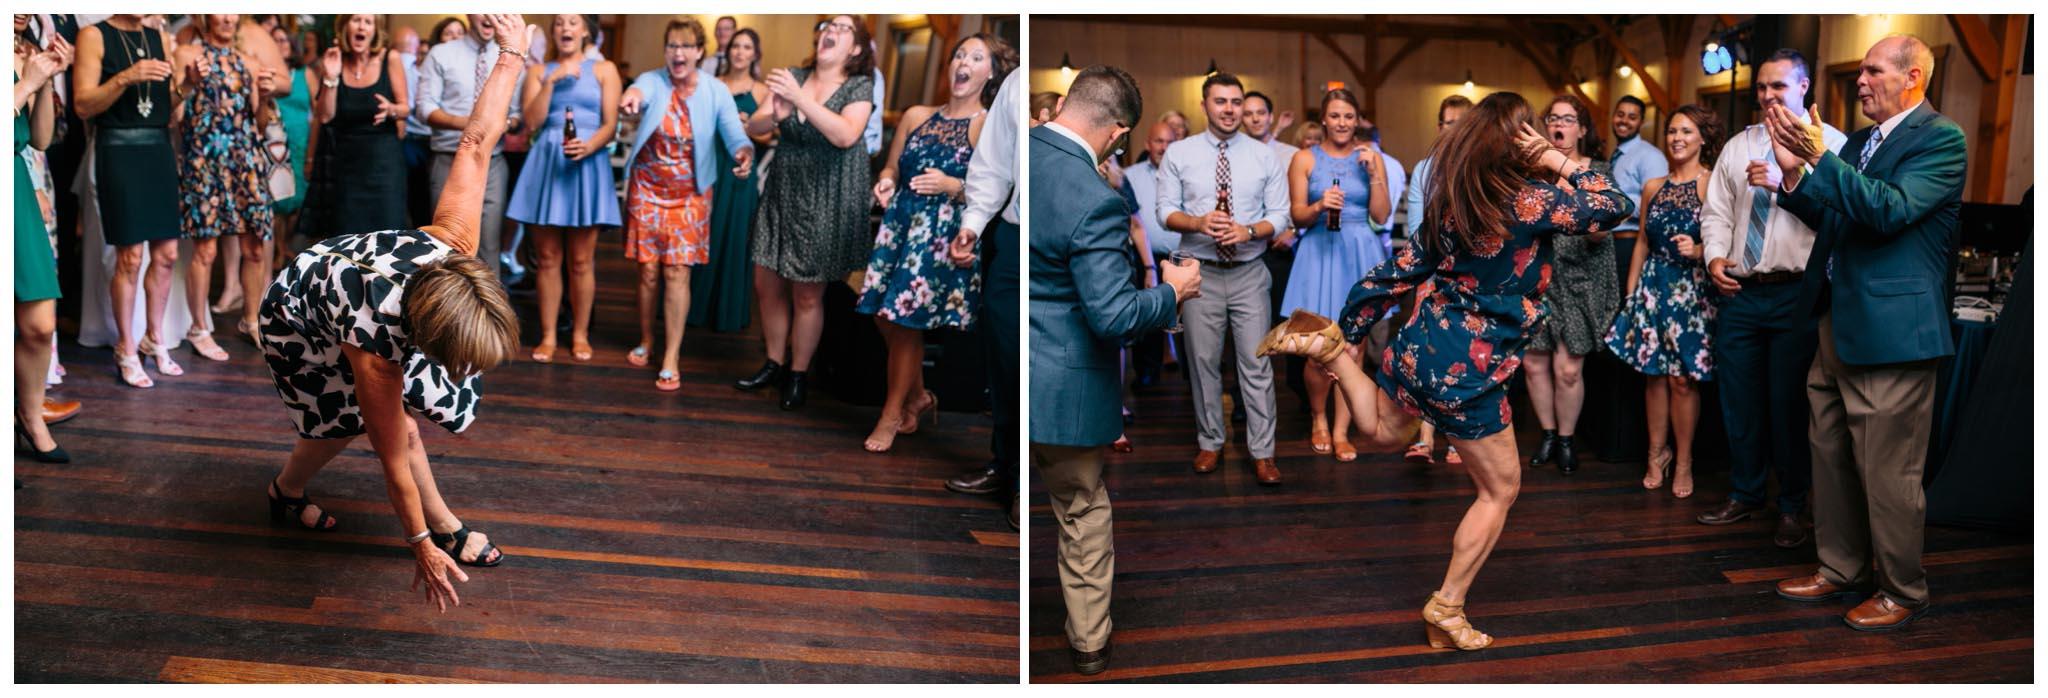 Bucks County, wedding photographer